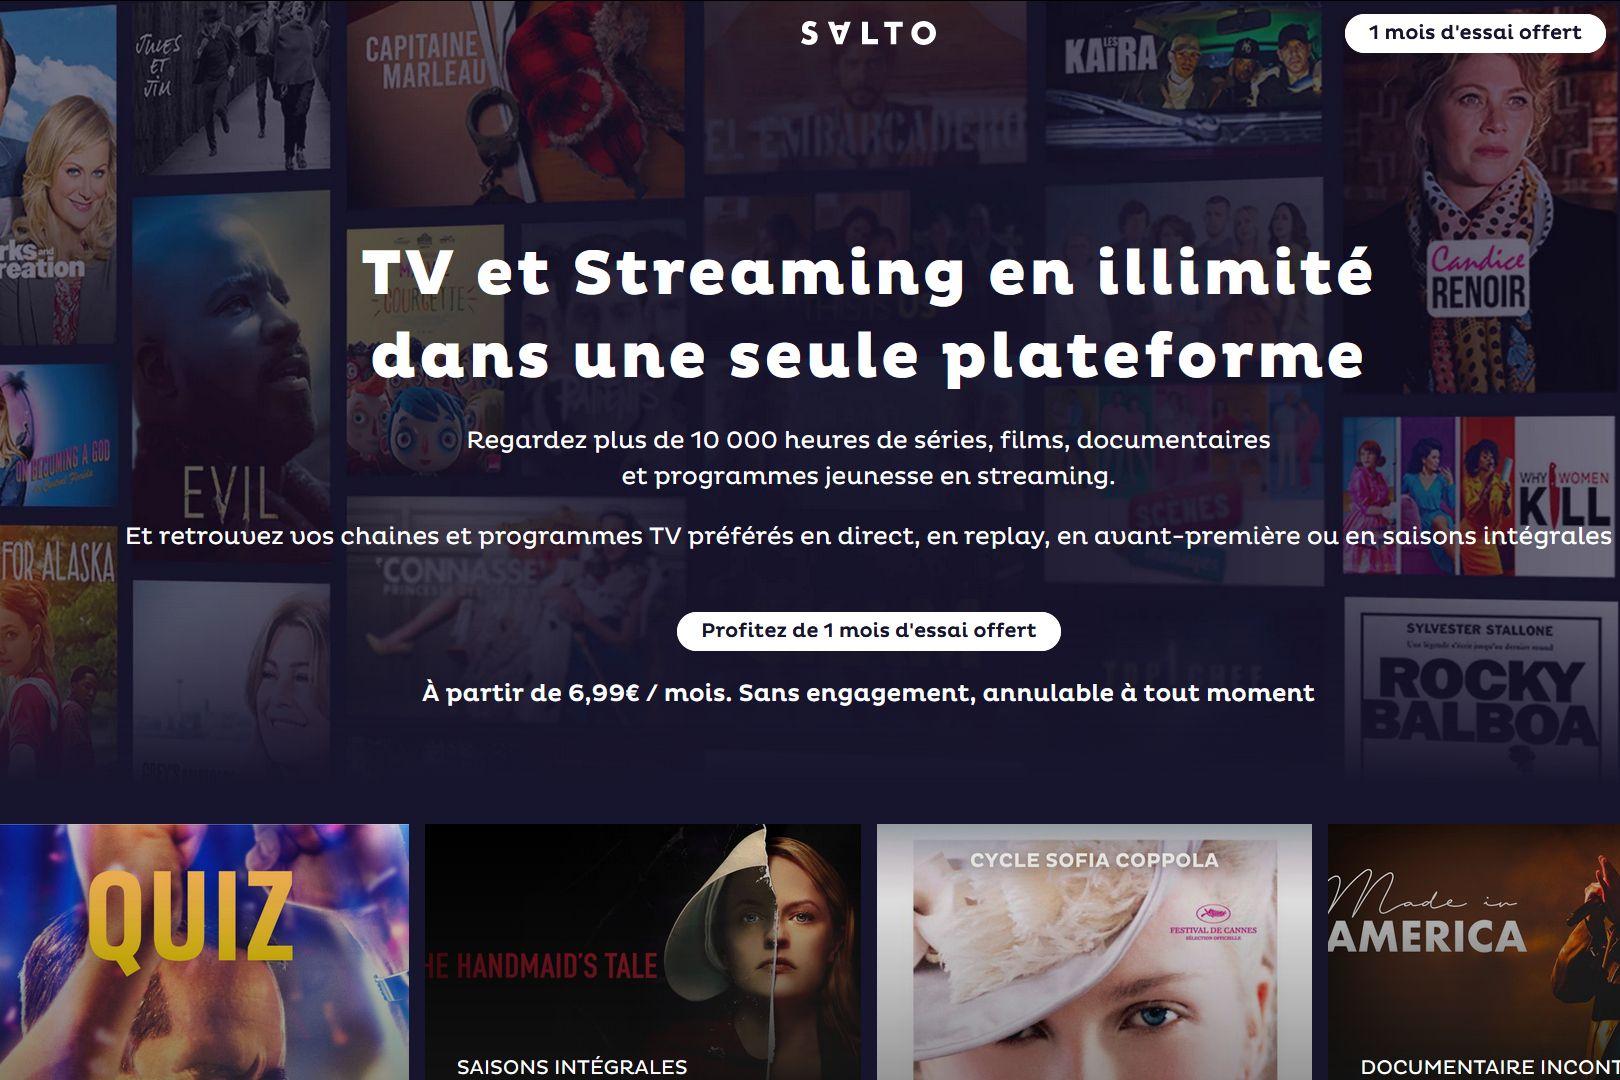 Salto : un lancement le 20 octobre et un prix de 6,99 € à 12,99 € par mois - MàJ 2